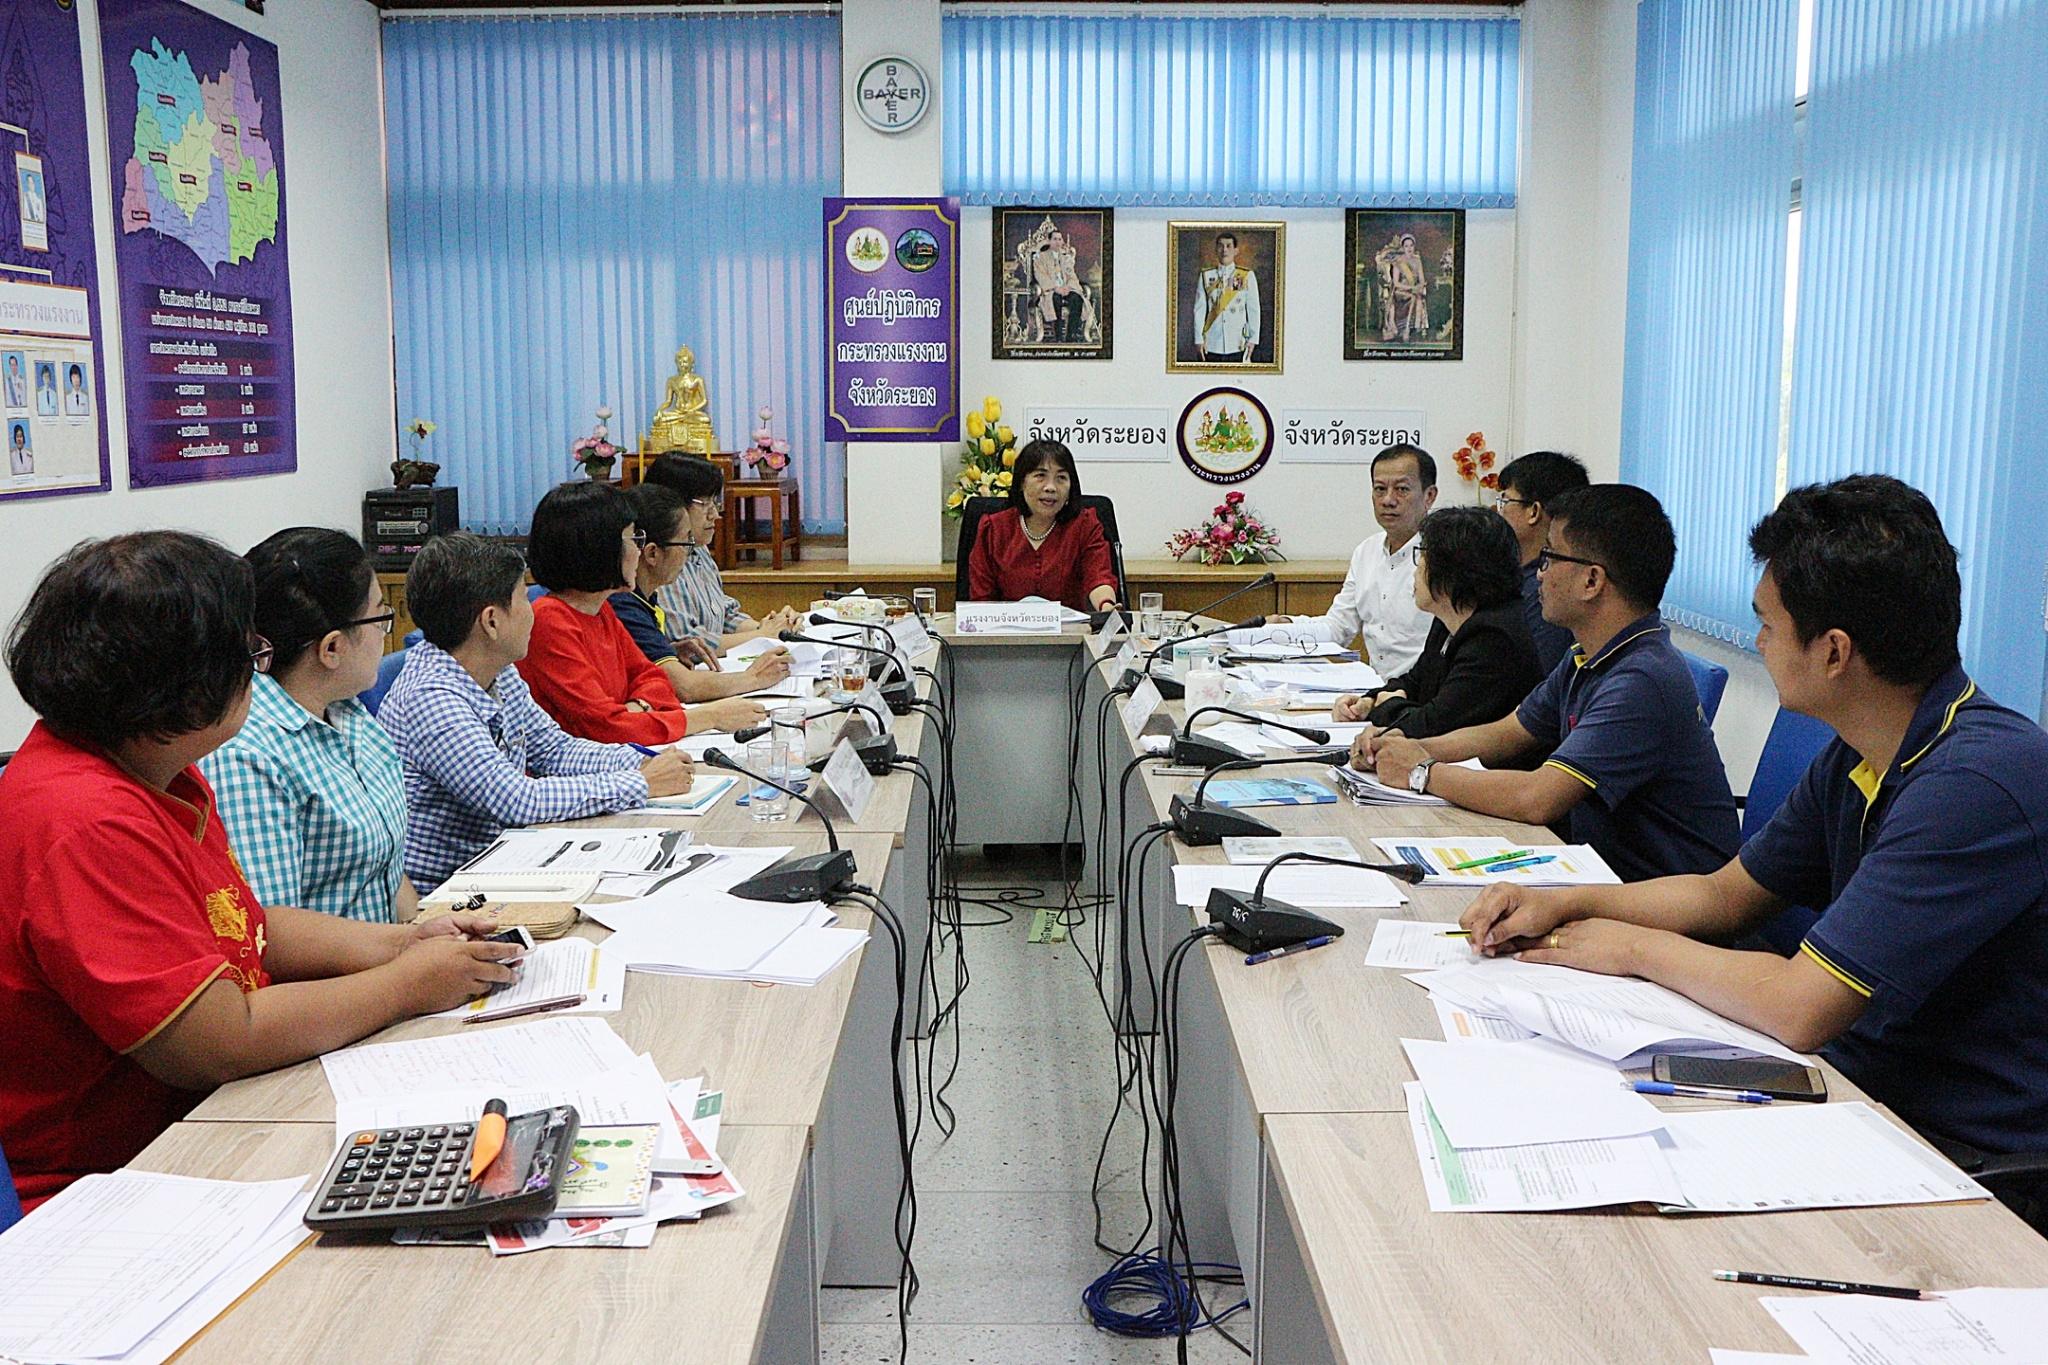 ประชุมหัวหน้าส่วนราชการในสังกัดกระทรวงแรงงานจังหวัดระยอง ประจำเดือนมกราคม 2563